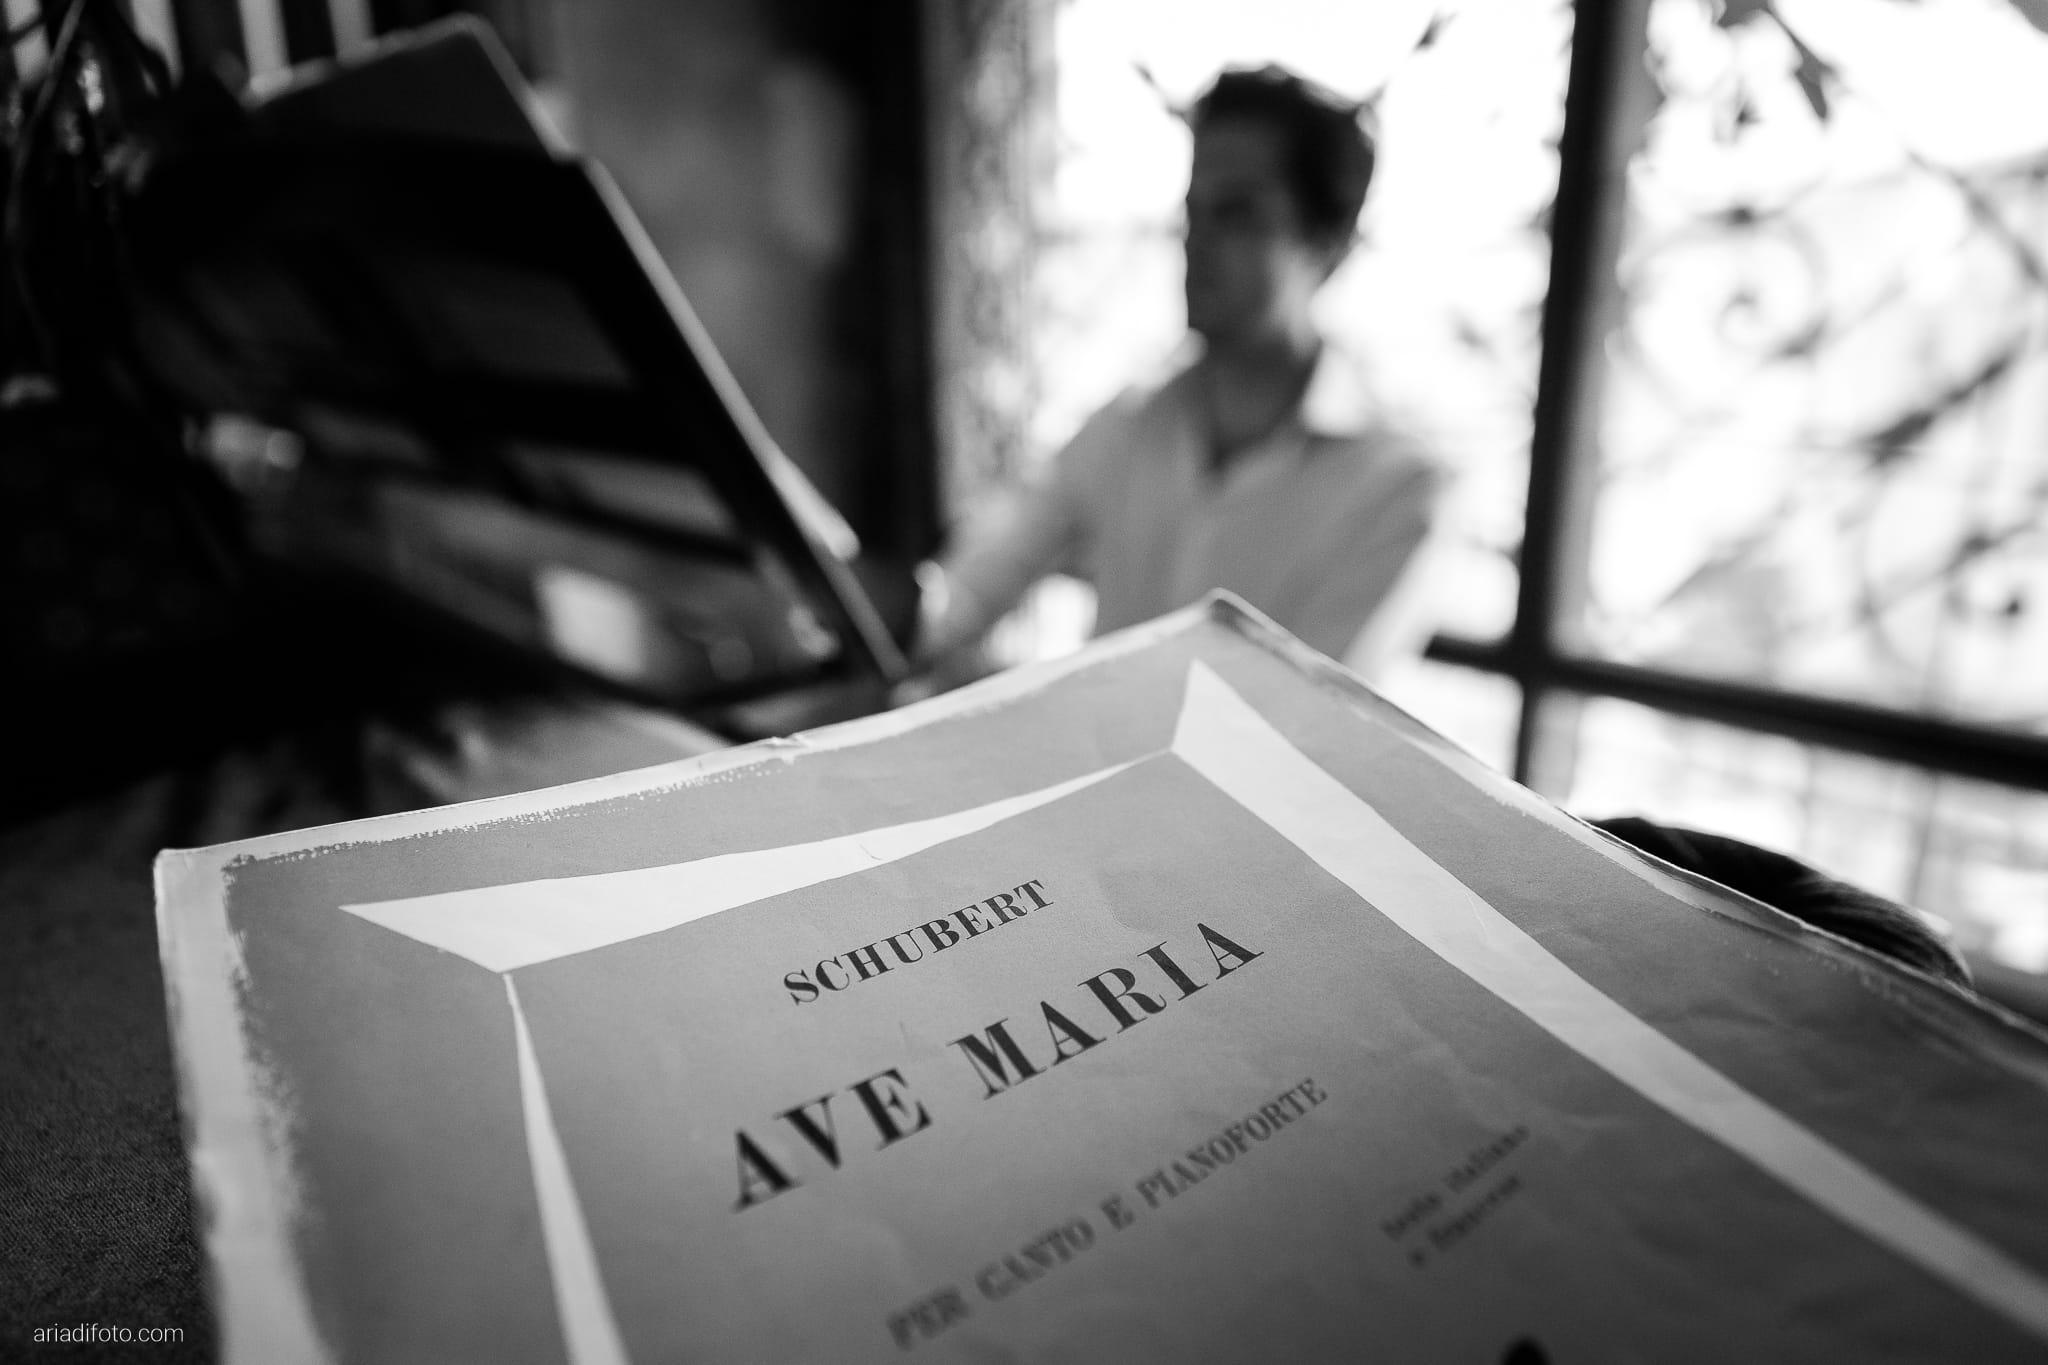 Martina Maurizio matrimonio Trieste Castello Spessa Gorizia cerimonia Santa Maria Maggiore musica organo